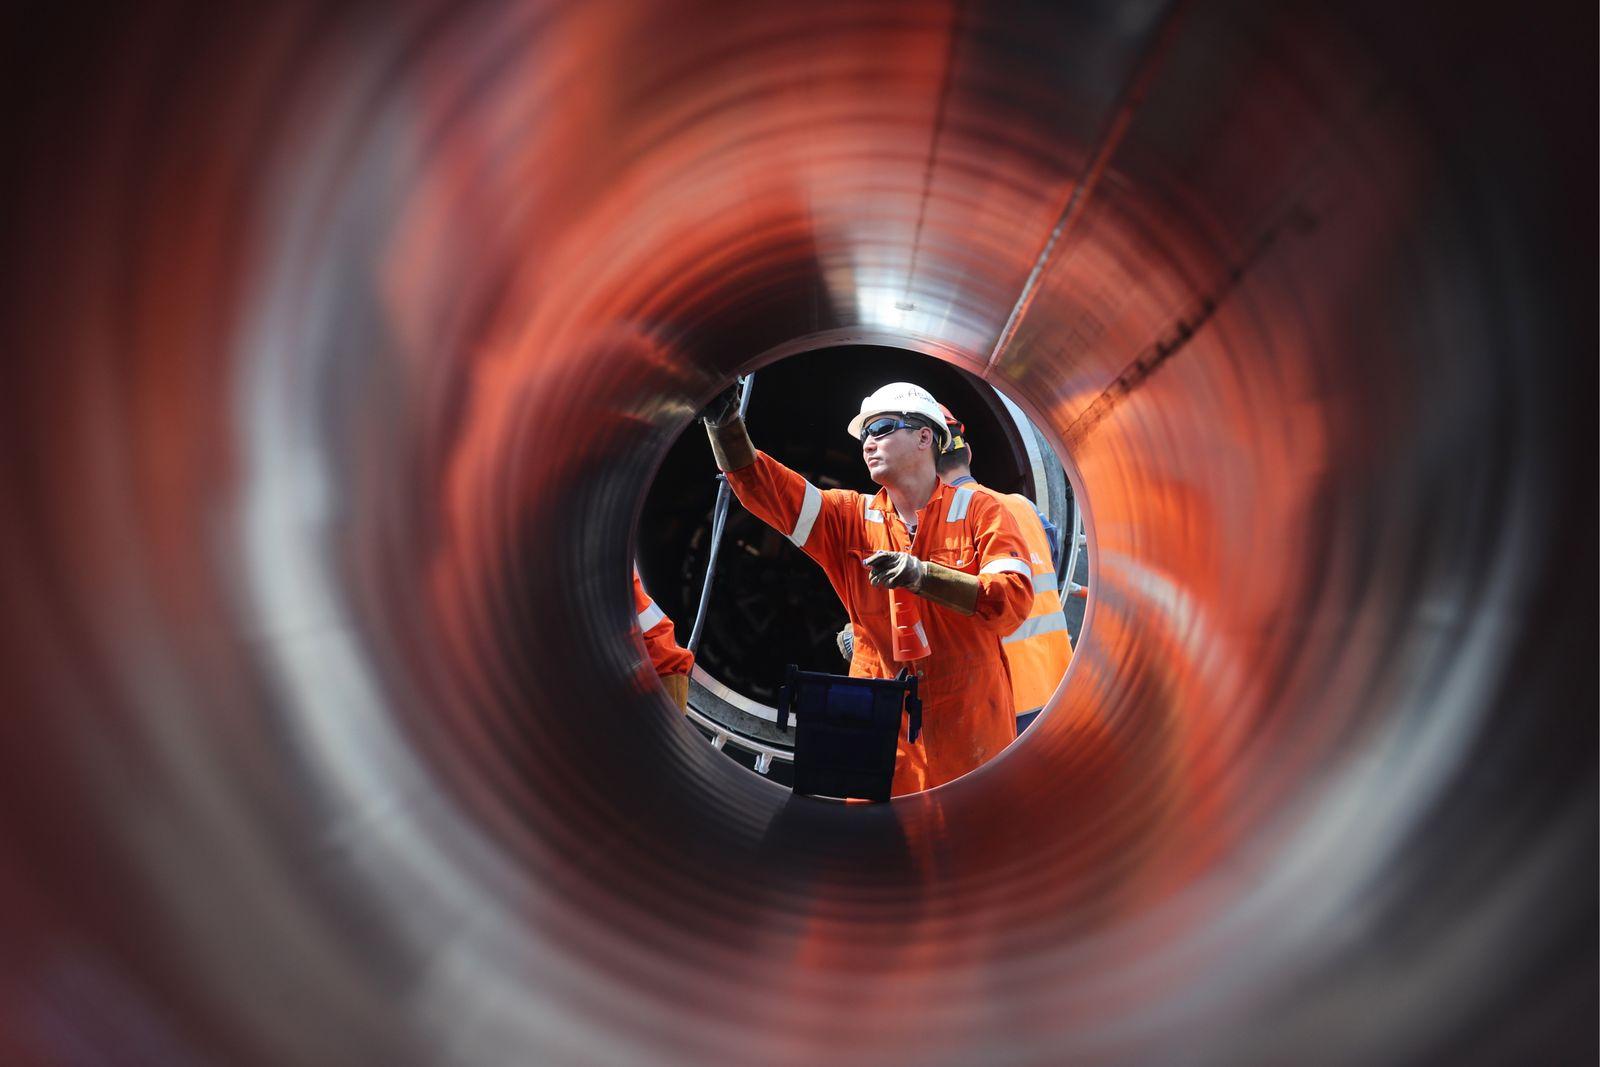 Bau an der Nord Stream 2 Pipeline in in der region um Leningrad